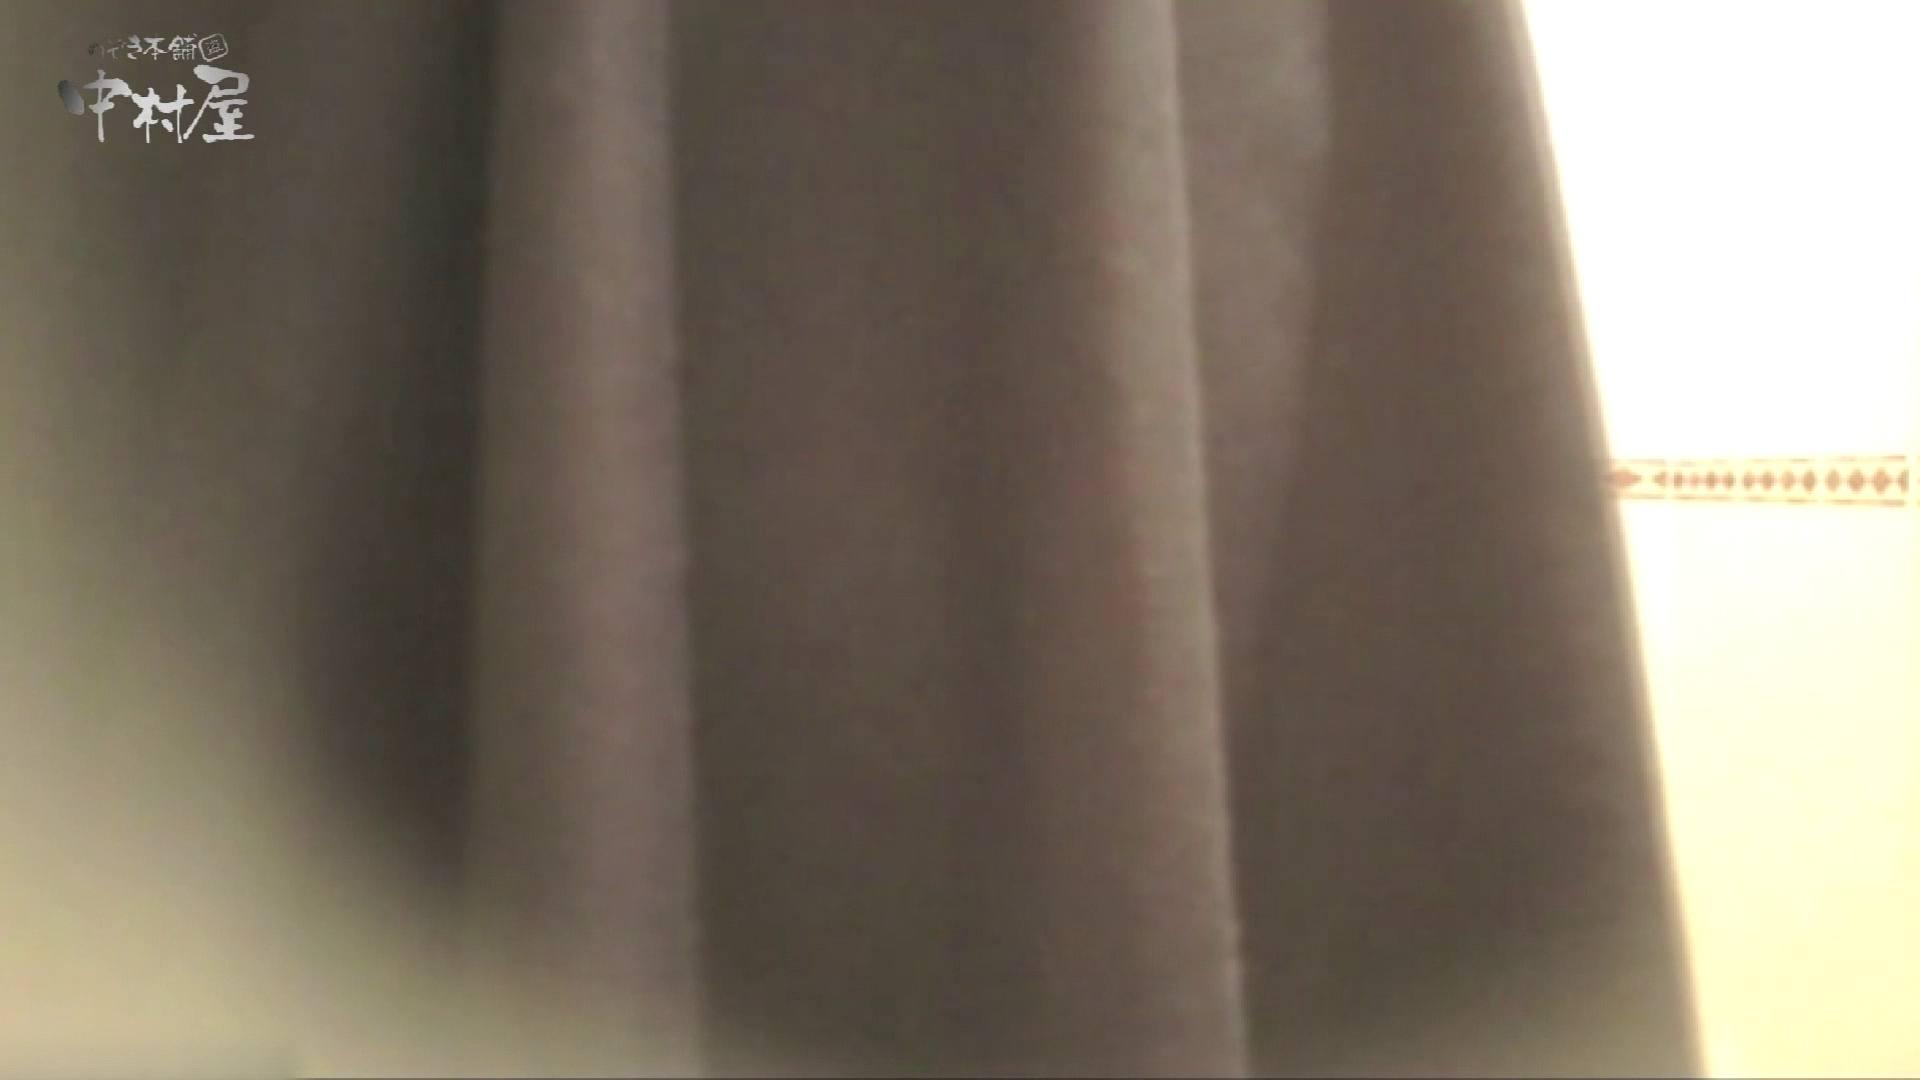 ティーンガールのトイレ覗き‼vol.16 OLのエロ生活 オマンコ無修正動画無料 50連発 44